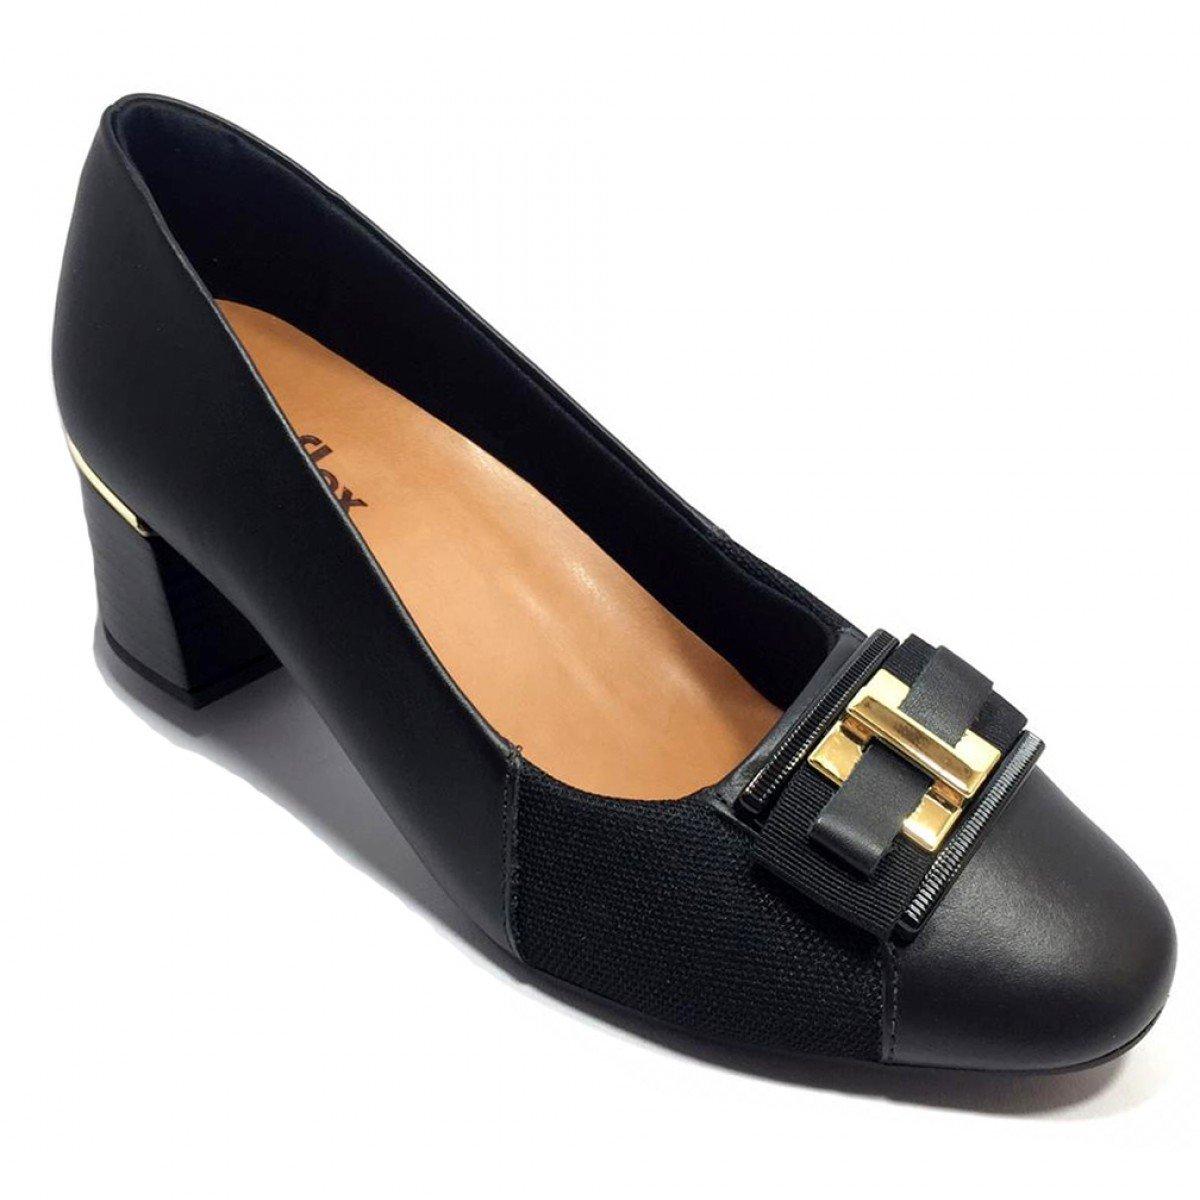 9facedd59d Sapato Scarpin Couro Usaflex Joanete Fivela Preto - Compre Agora ...